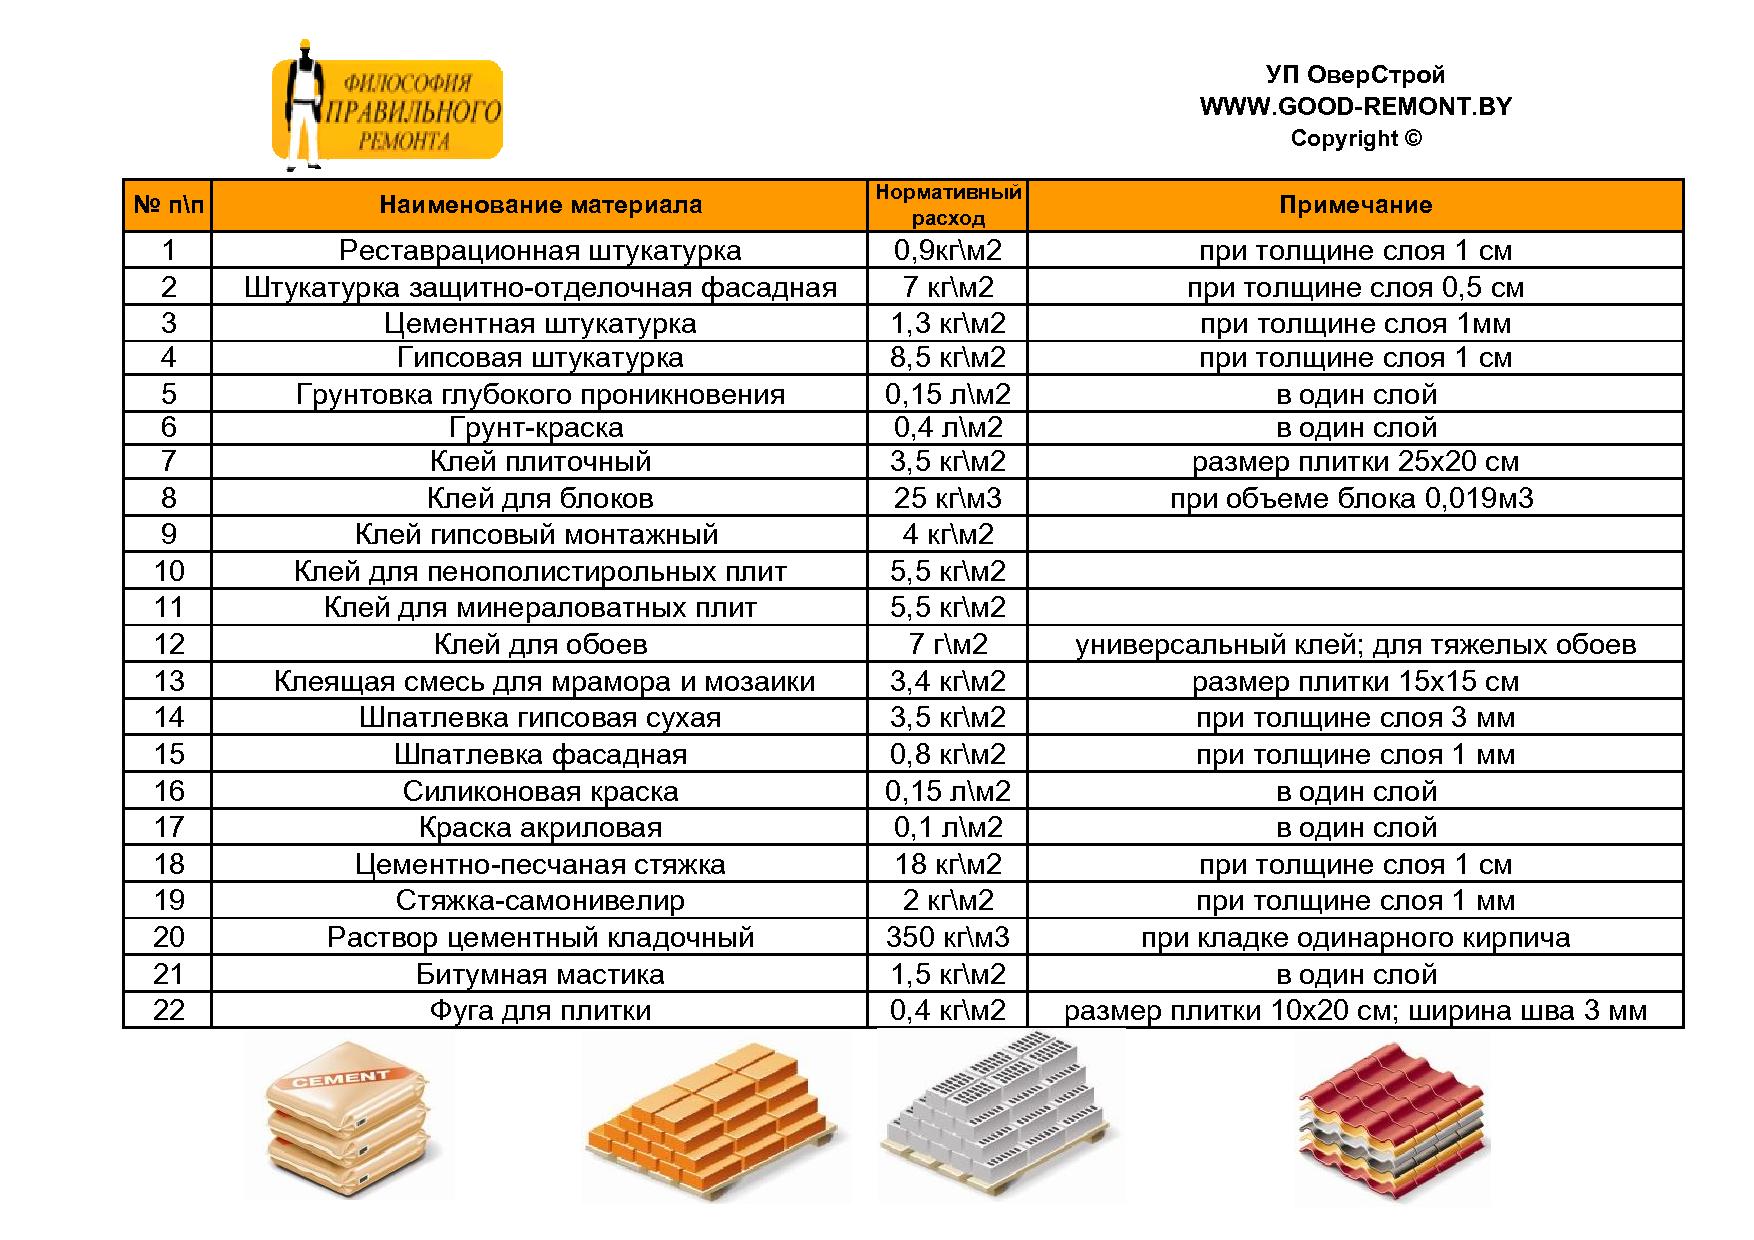 договор хранения строительных материалов образец